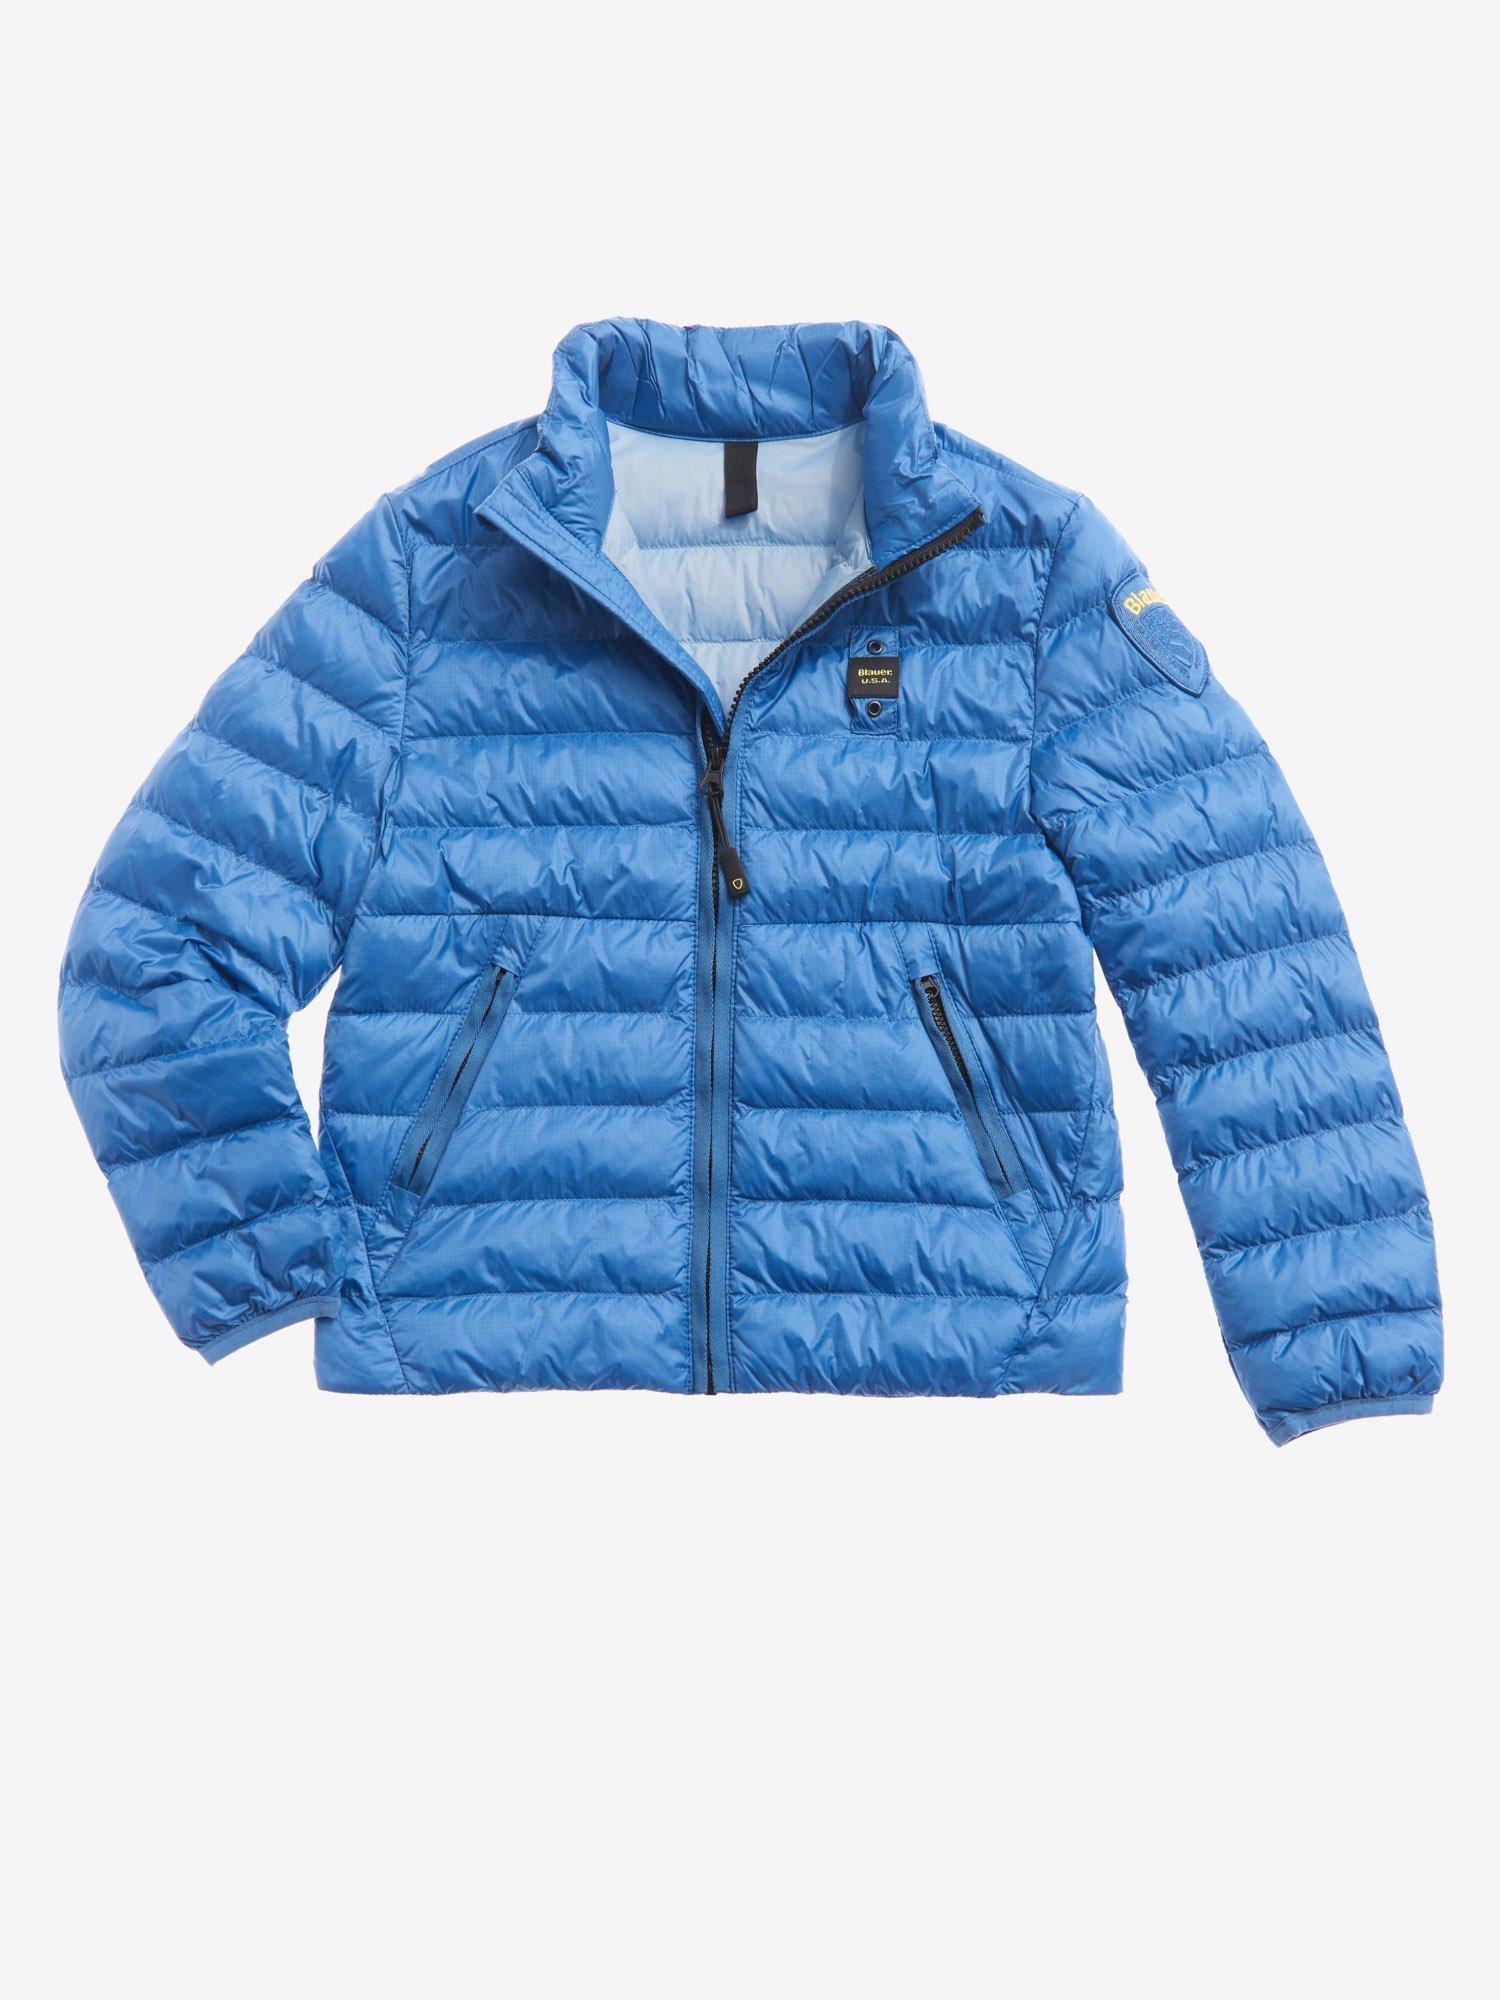 Blauer - DOUDOUNE POUR ENFANT REMBOURRAGE ÉCO LÉGER LEO - Light Sapphire Blue - Blauer